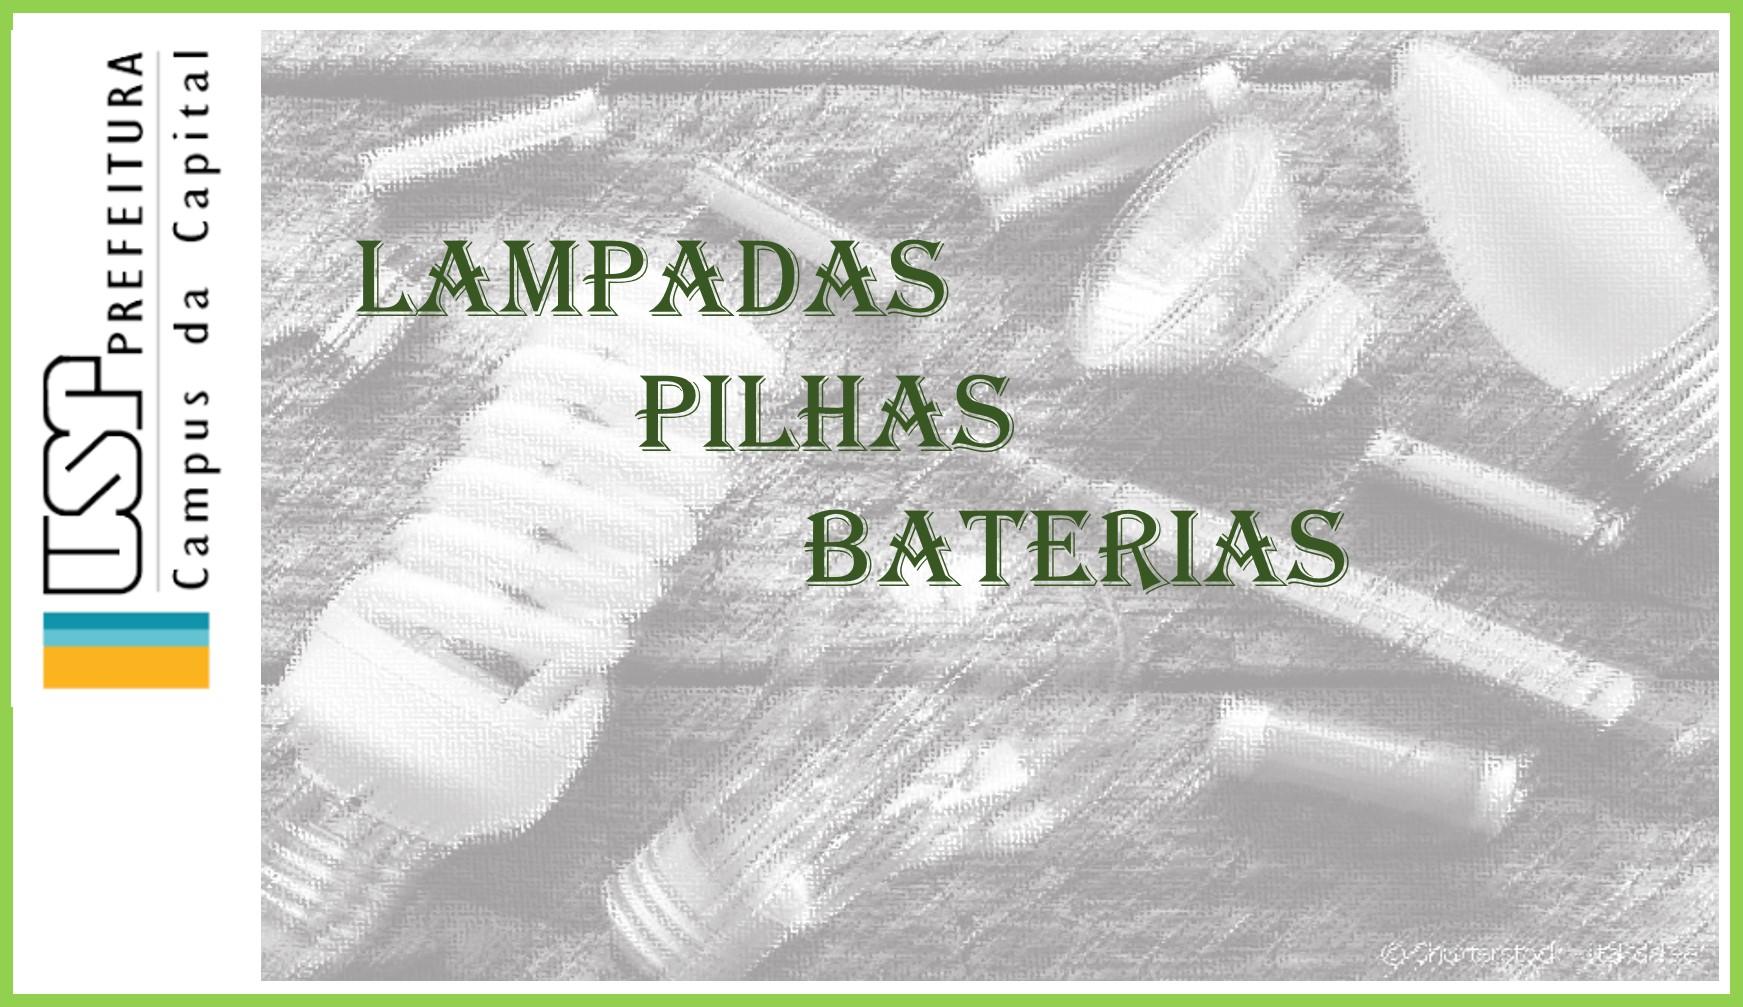 LAMPADAS PILHAS BATERIAS